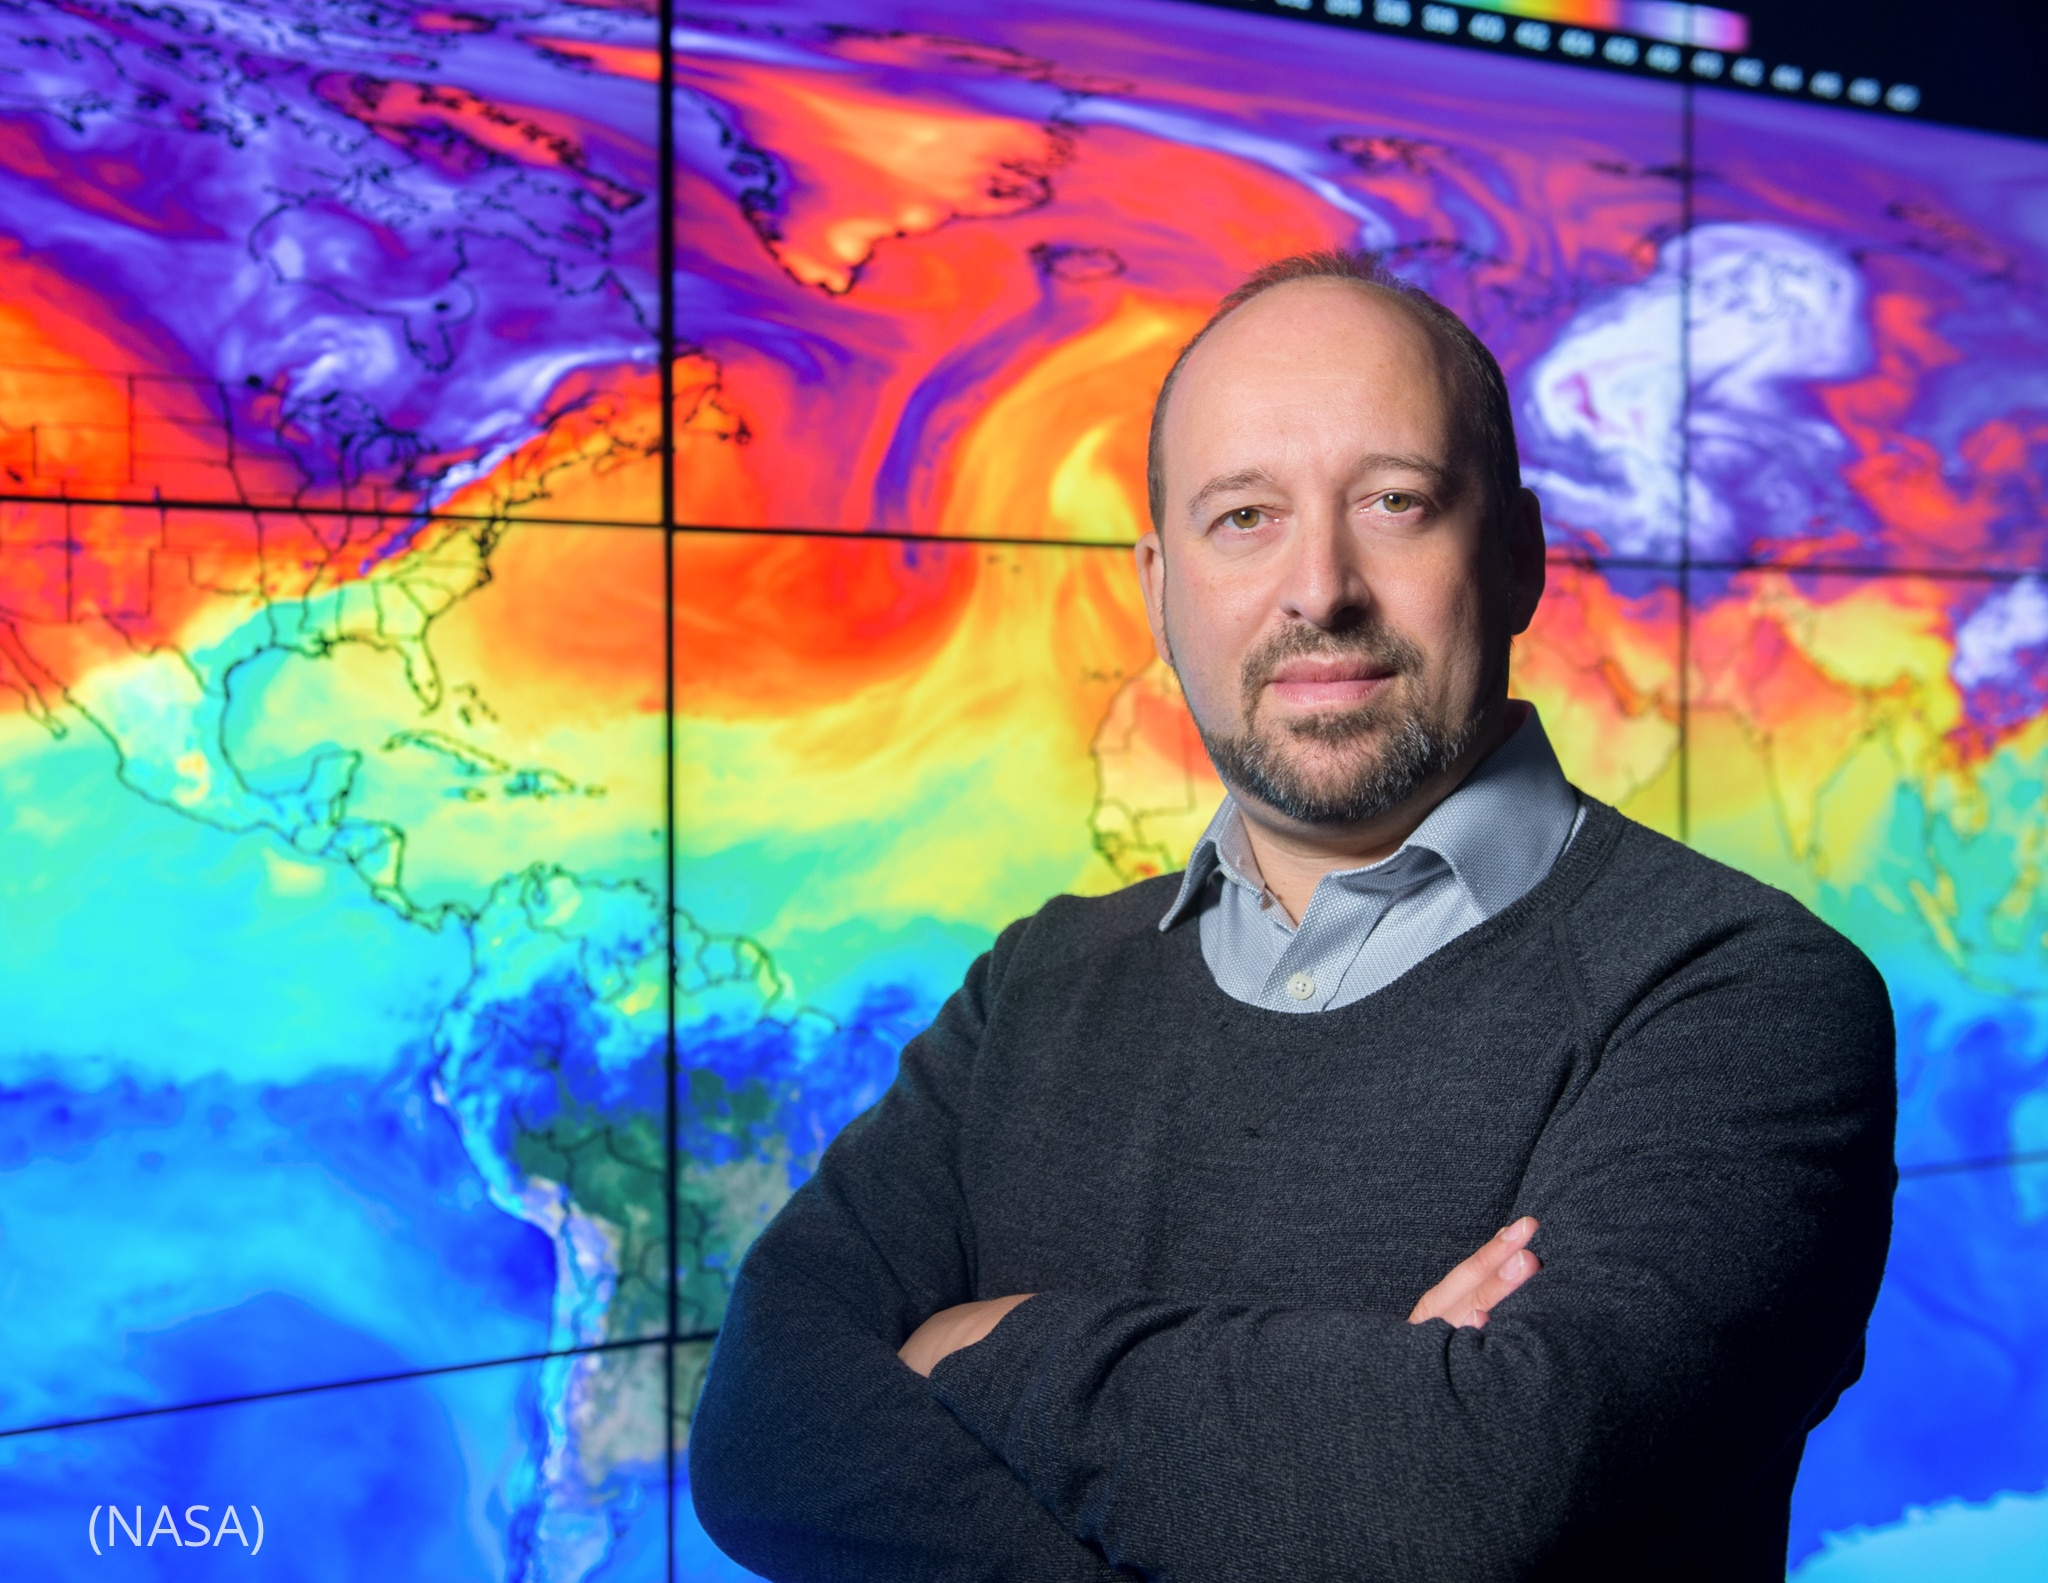 Gavin Schmidt de pie frente a un colorido mapa mundial en múltiples pantallas (NASA)